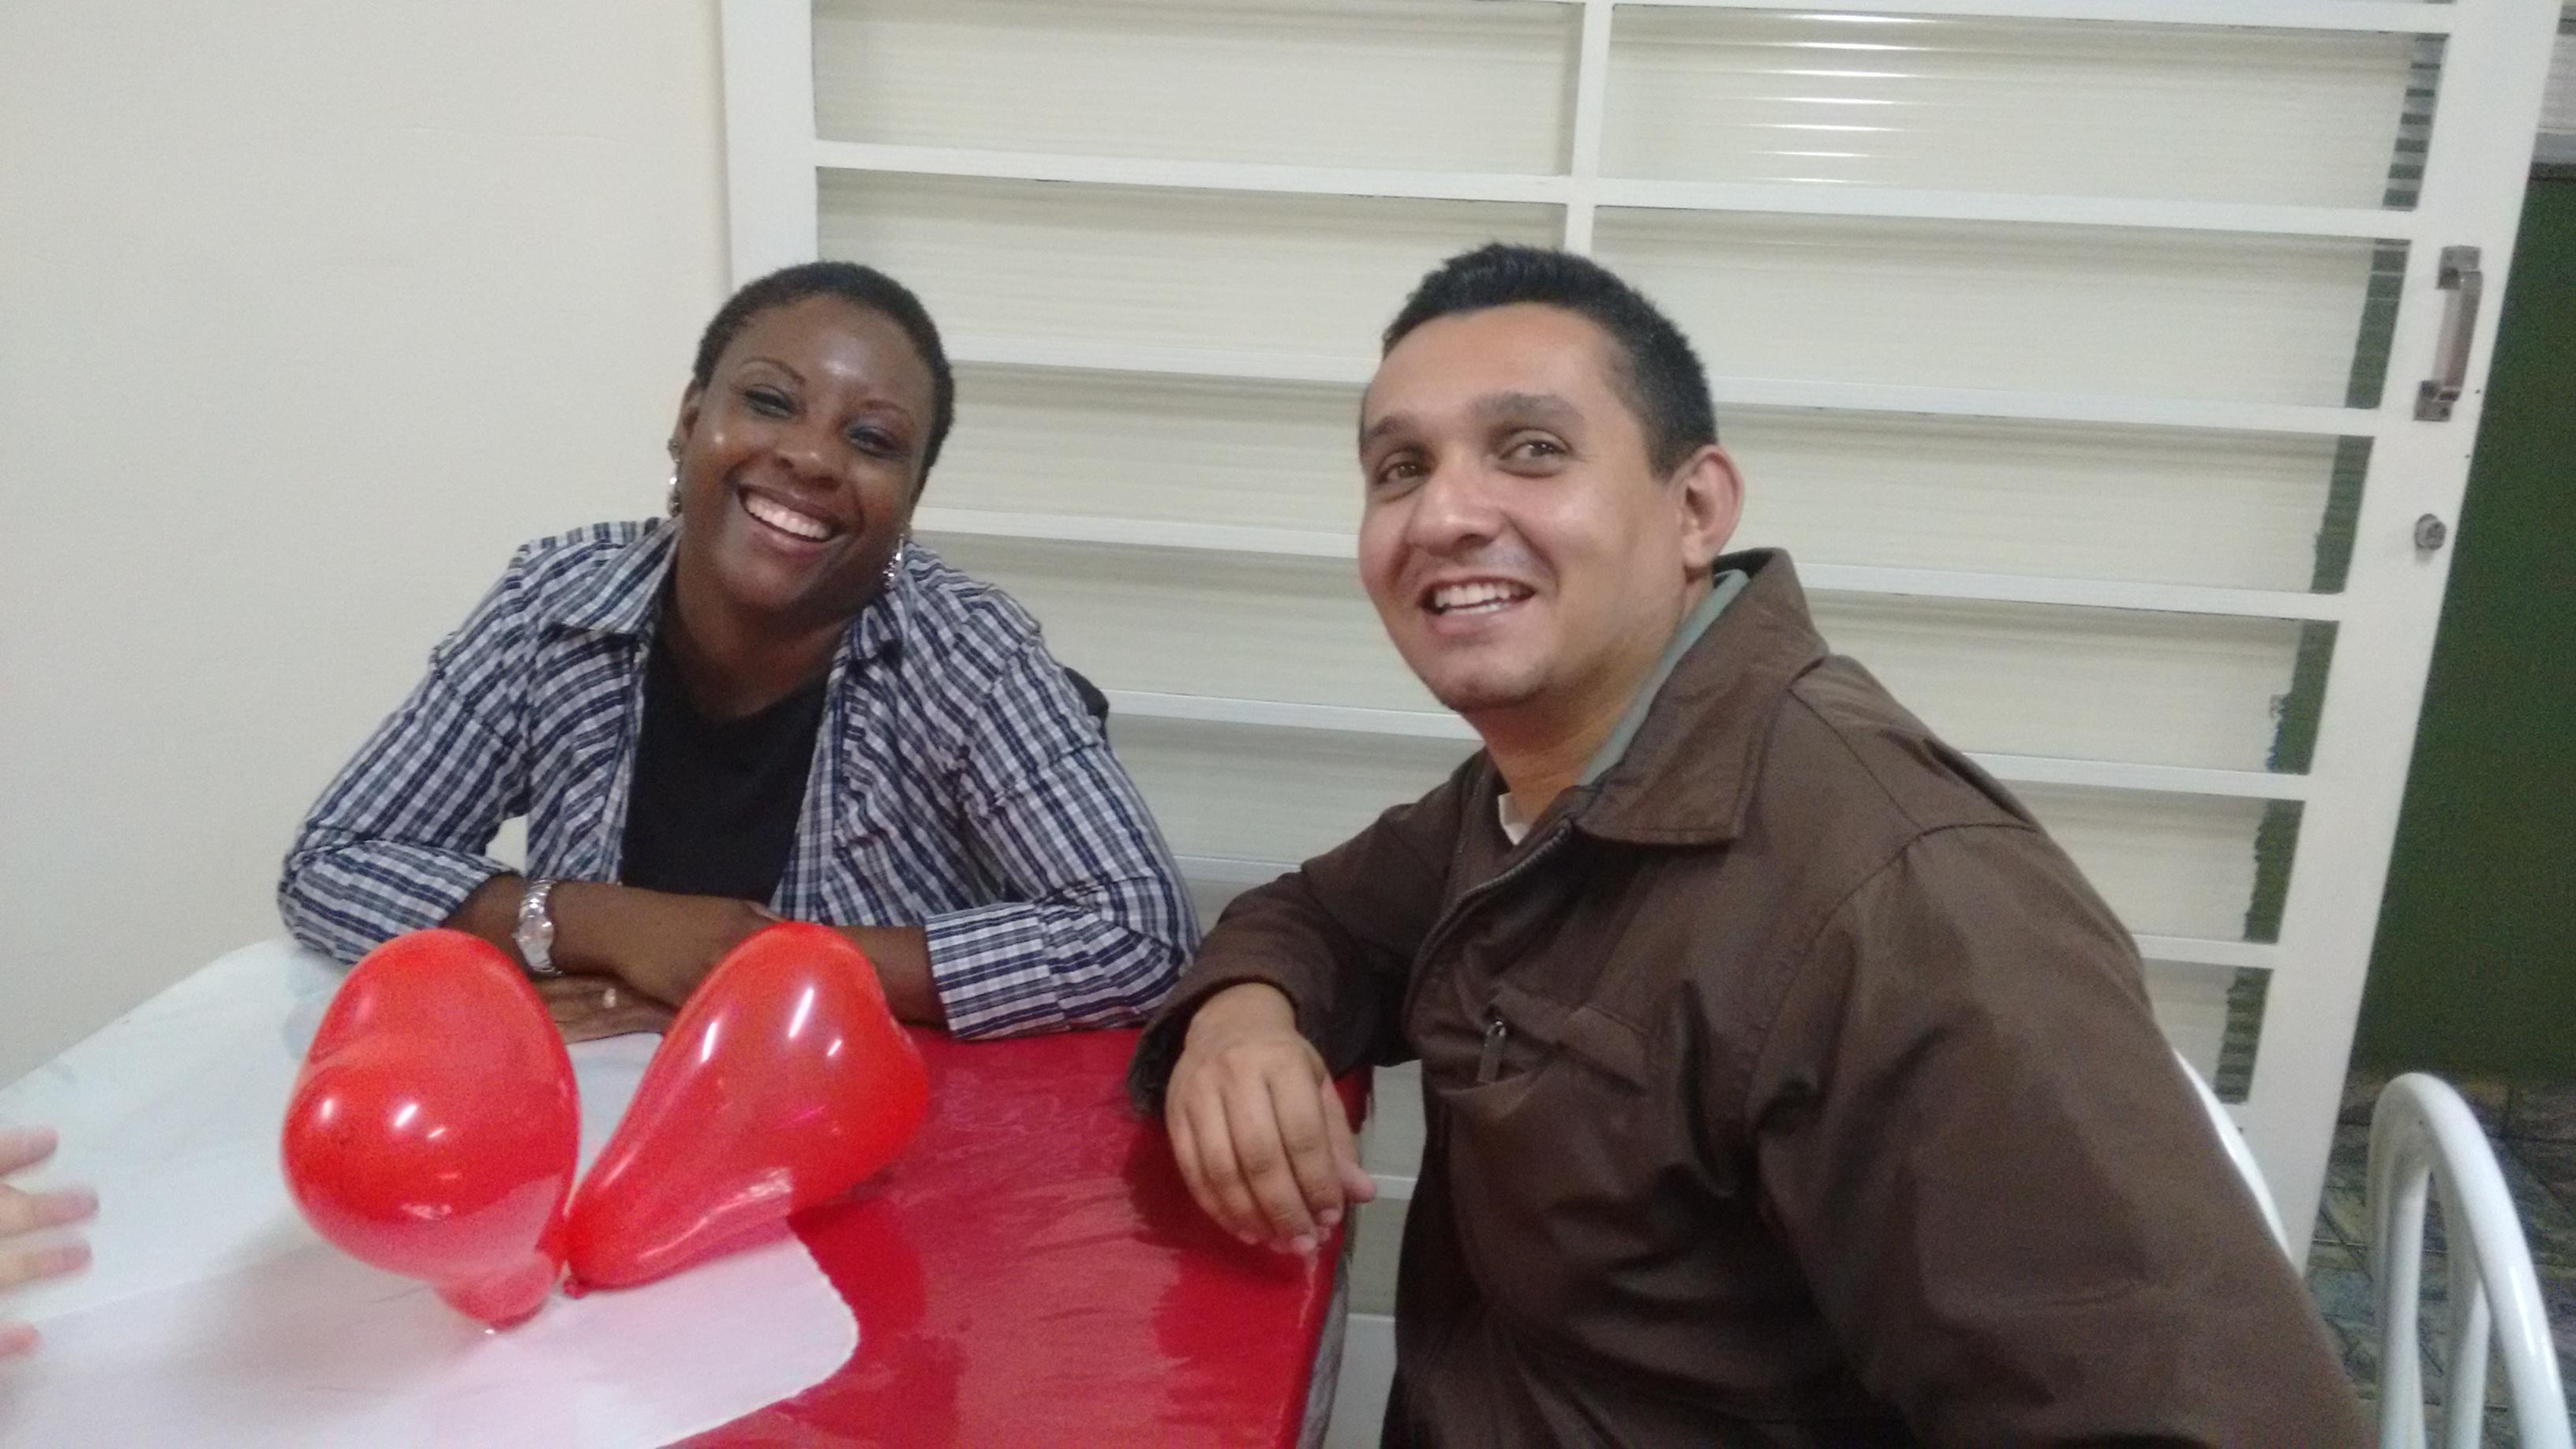 Igreja Batista Filadélfia de Americana/SP - Encontro de Casais